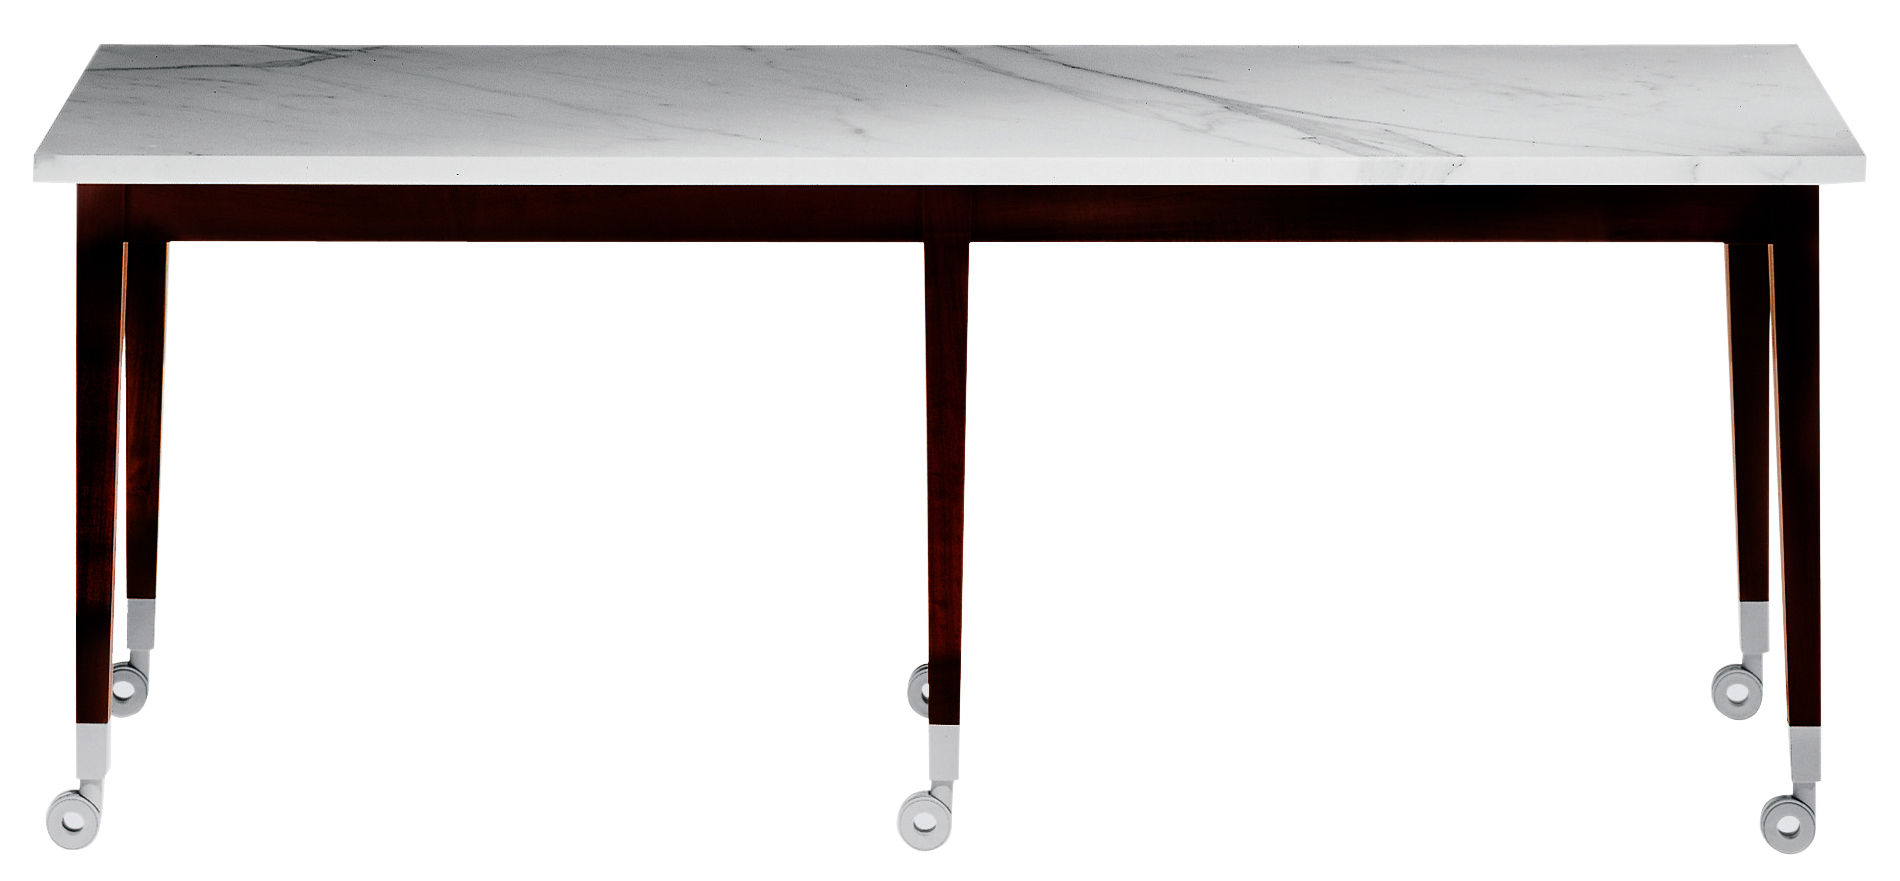 Arredamento - Tavolini  - Tavolino Neoz - Rettangolare di Driade - Ebano/marmo - Marmo, Mogano